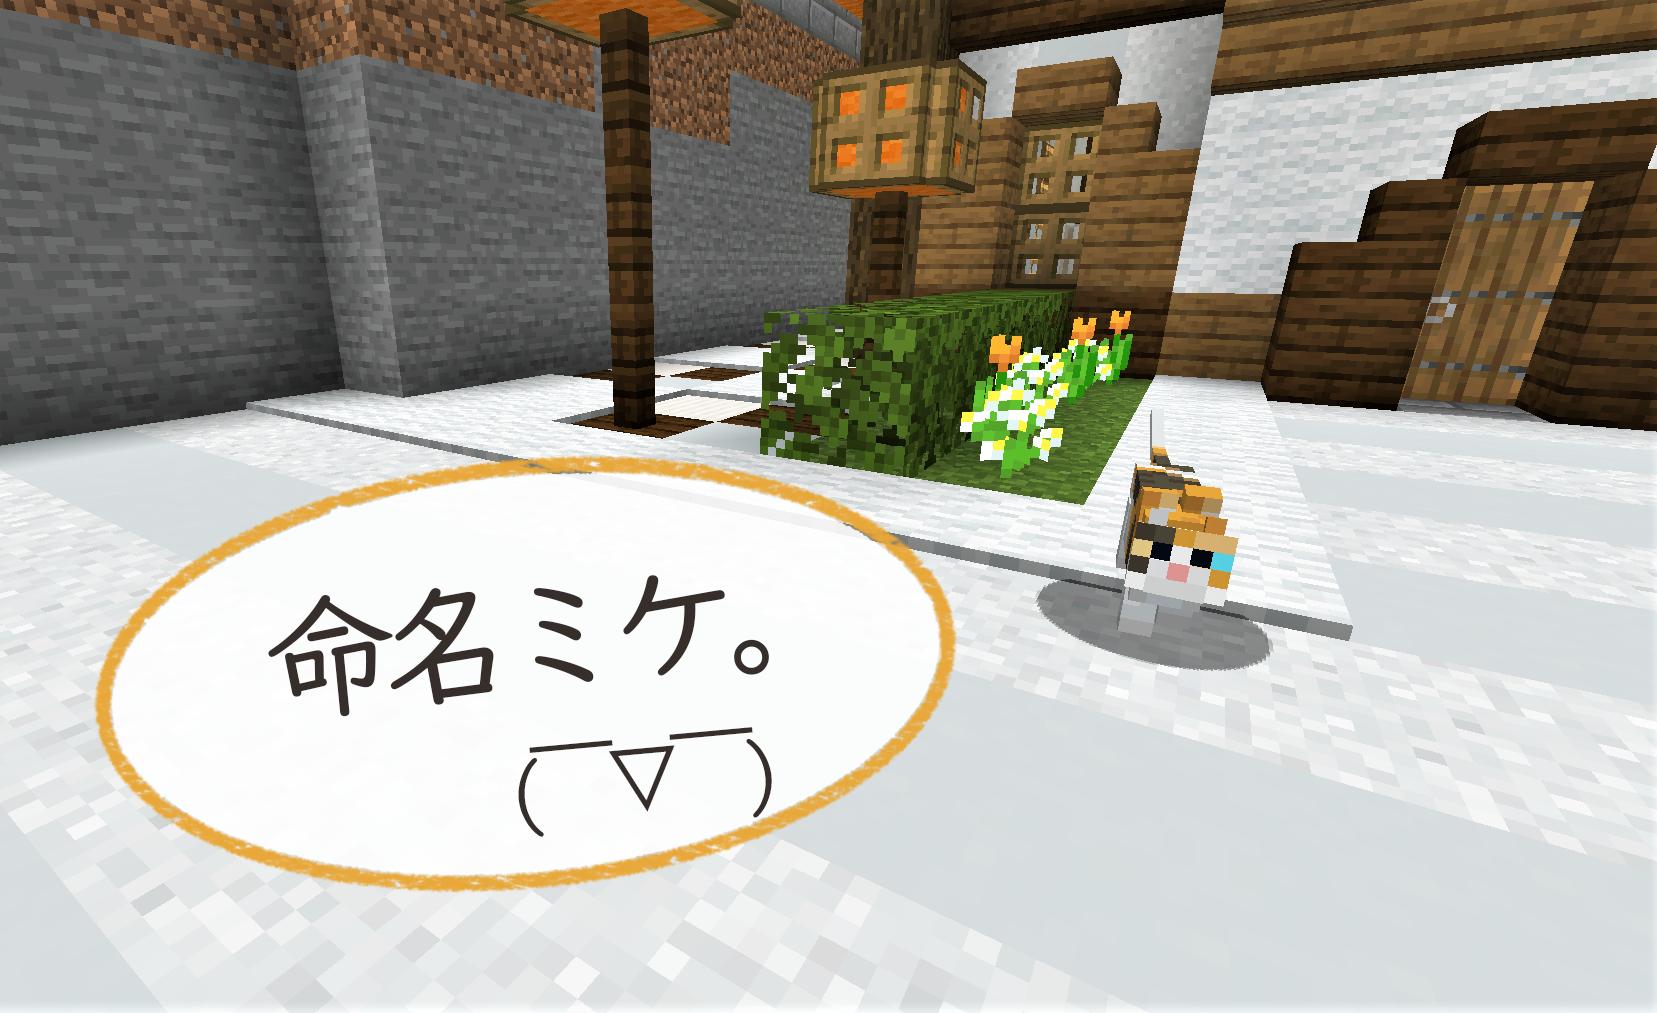 ミケちゃん1.png